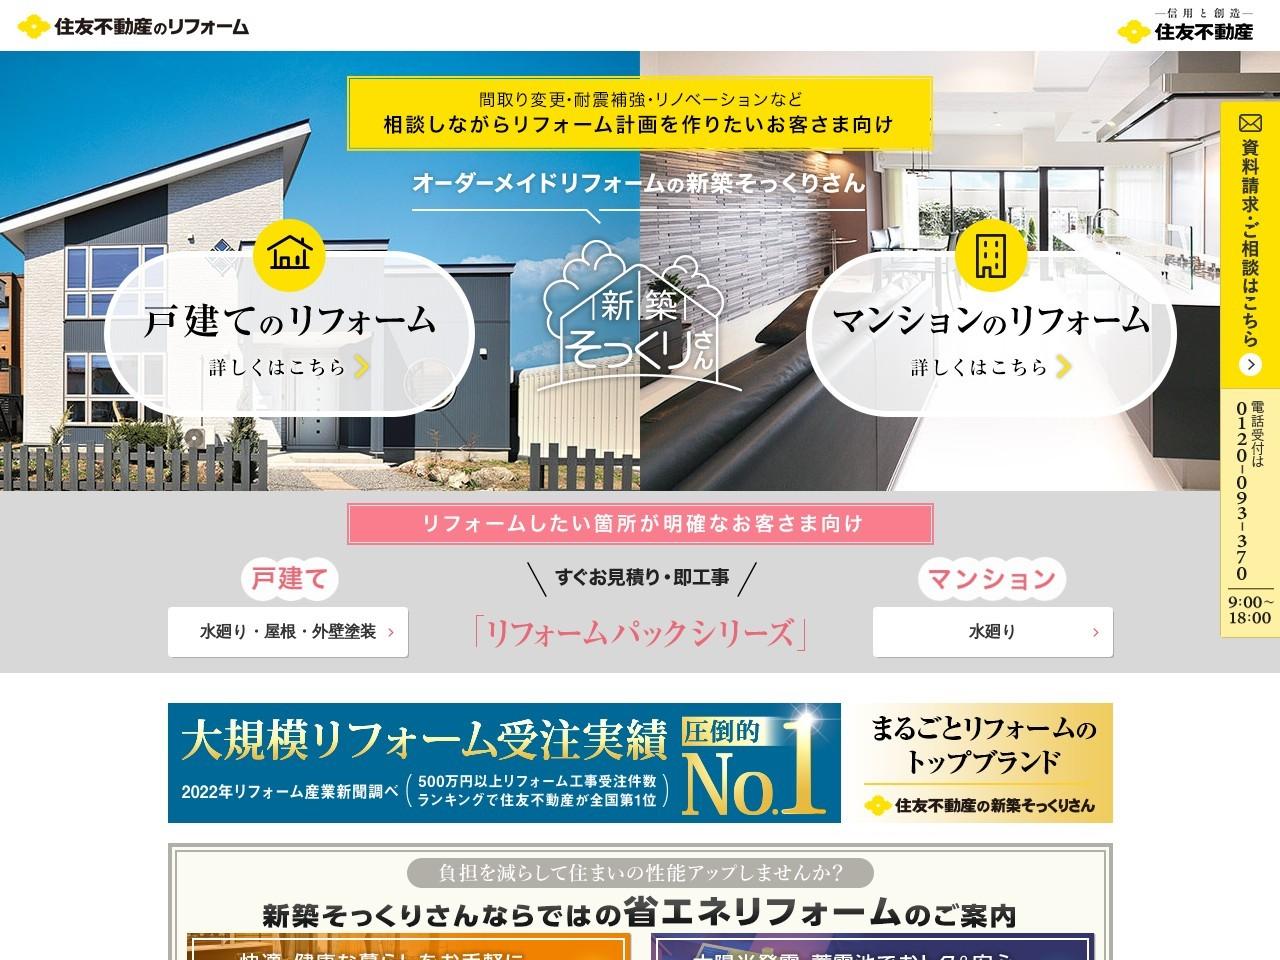 住友不動産株式会社新築そっくりさん秋田